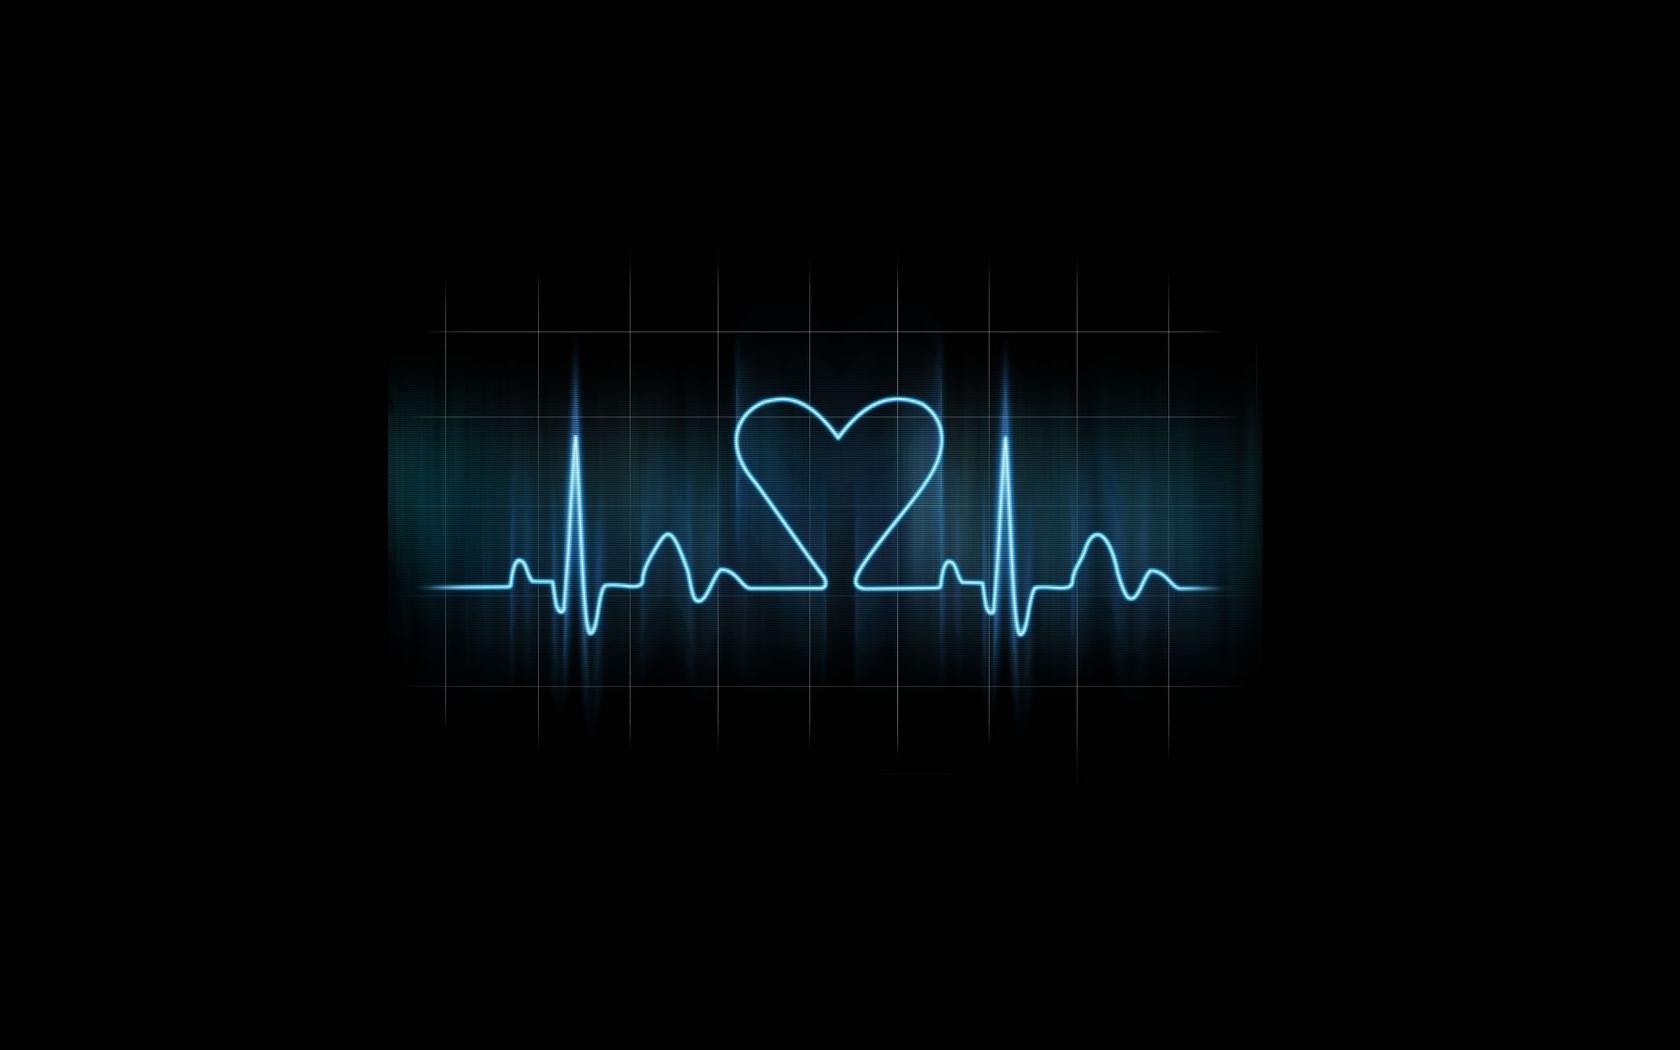 heart rhytm